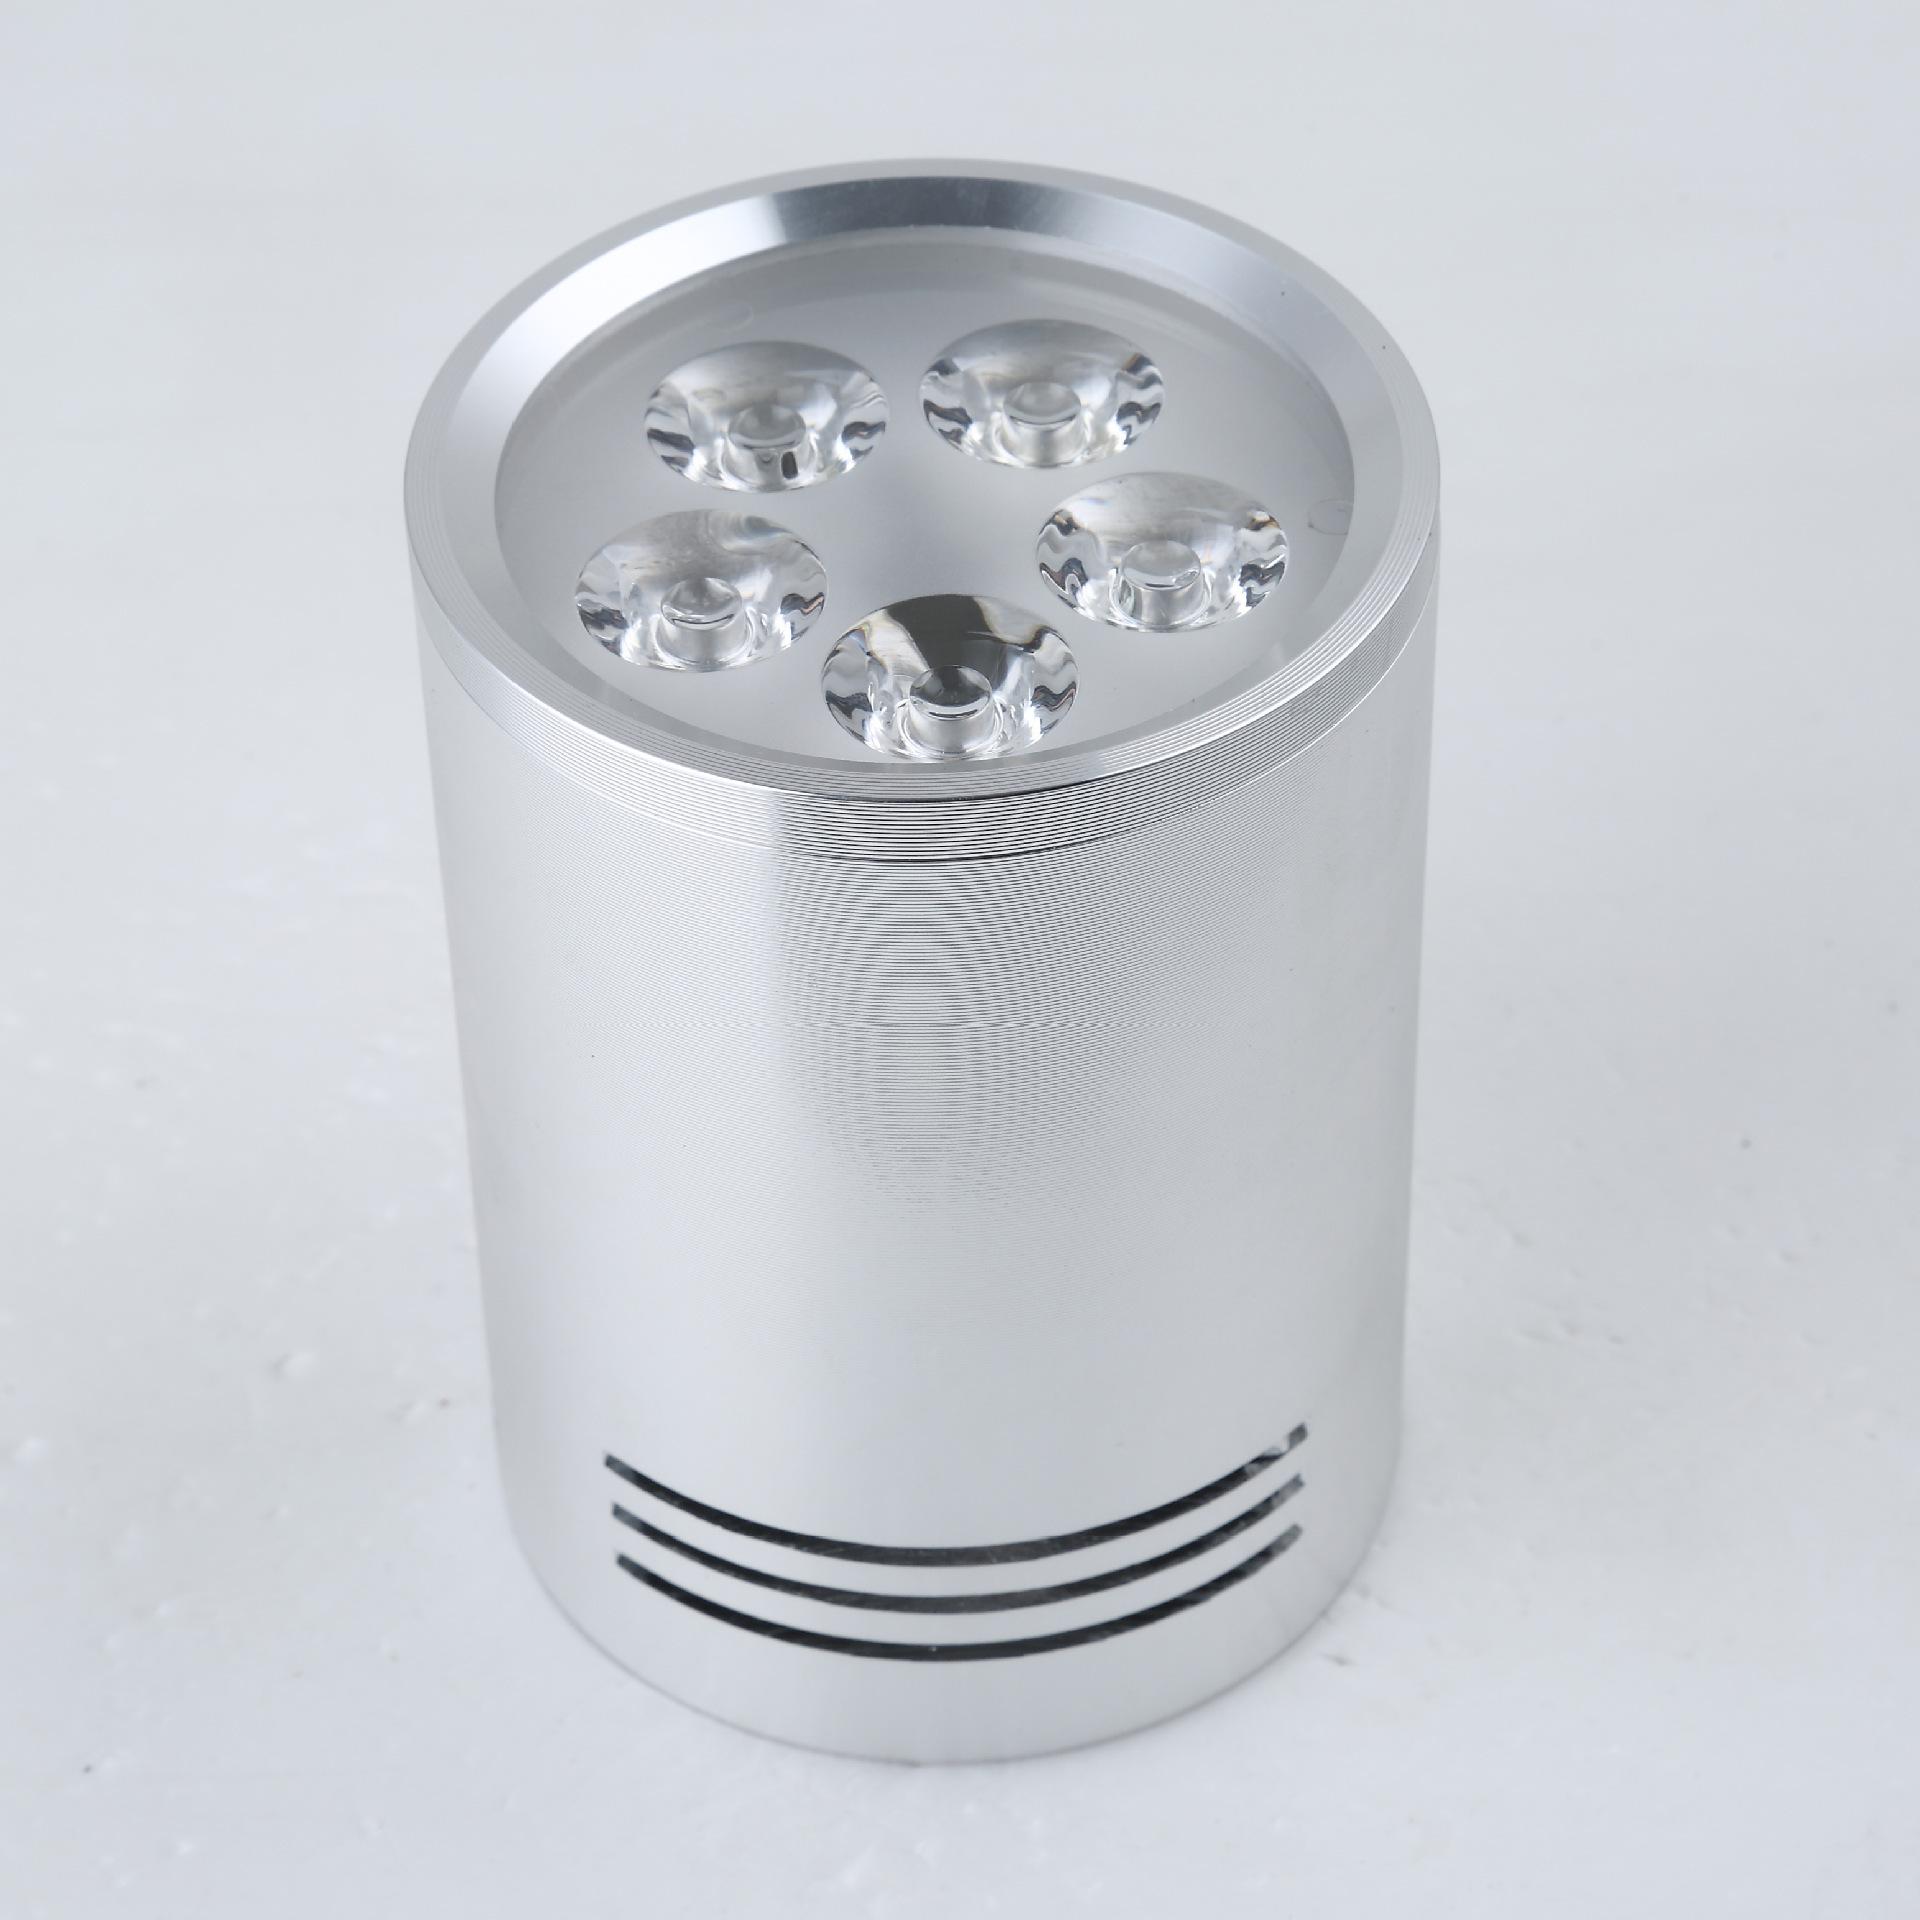 MIYA Đèn âm trần bộ Bộ đèn led treo tường kit đèn trần mở miễn phí Bộ vỏ đèn định vị 2,5